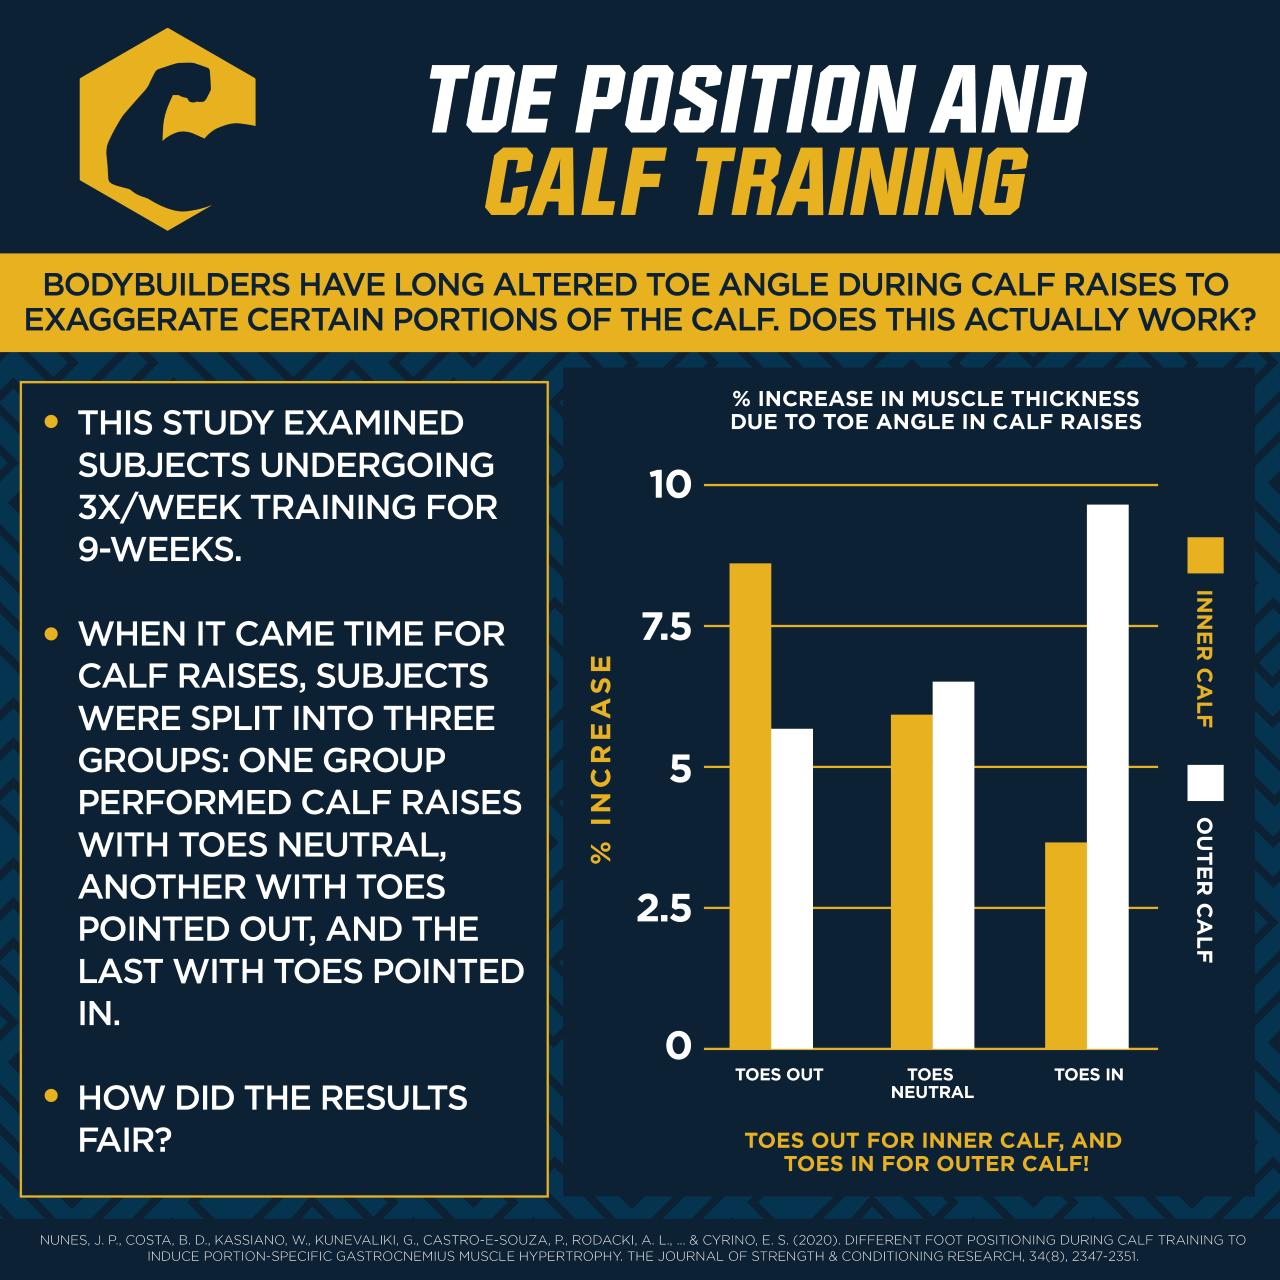 Toe Angle and Calf Raises